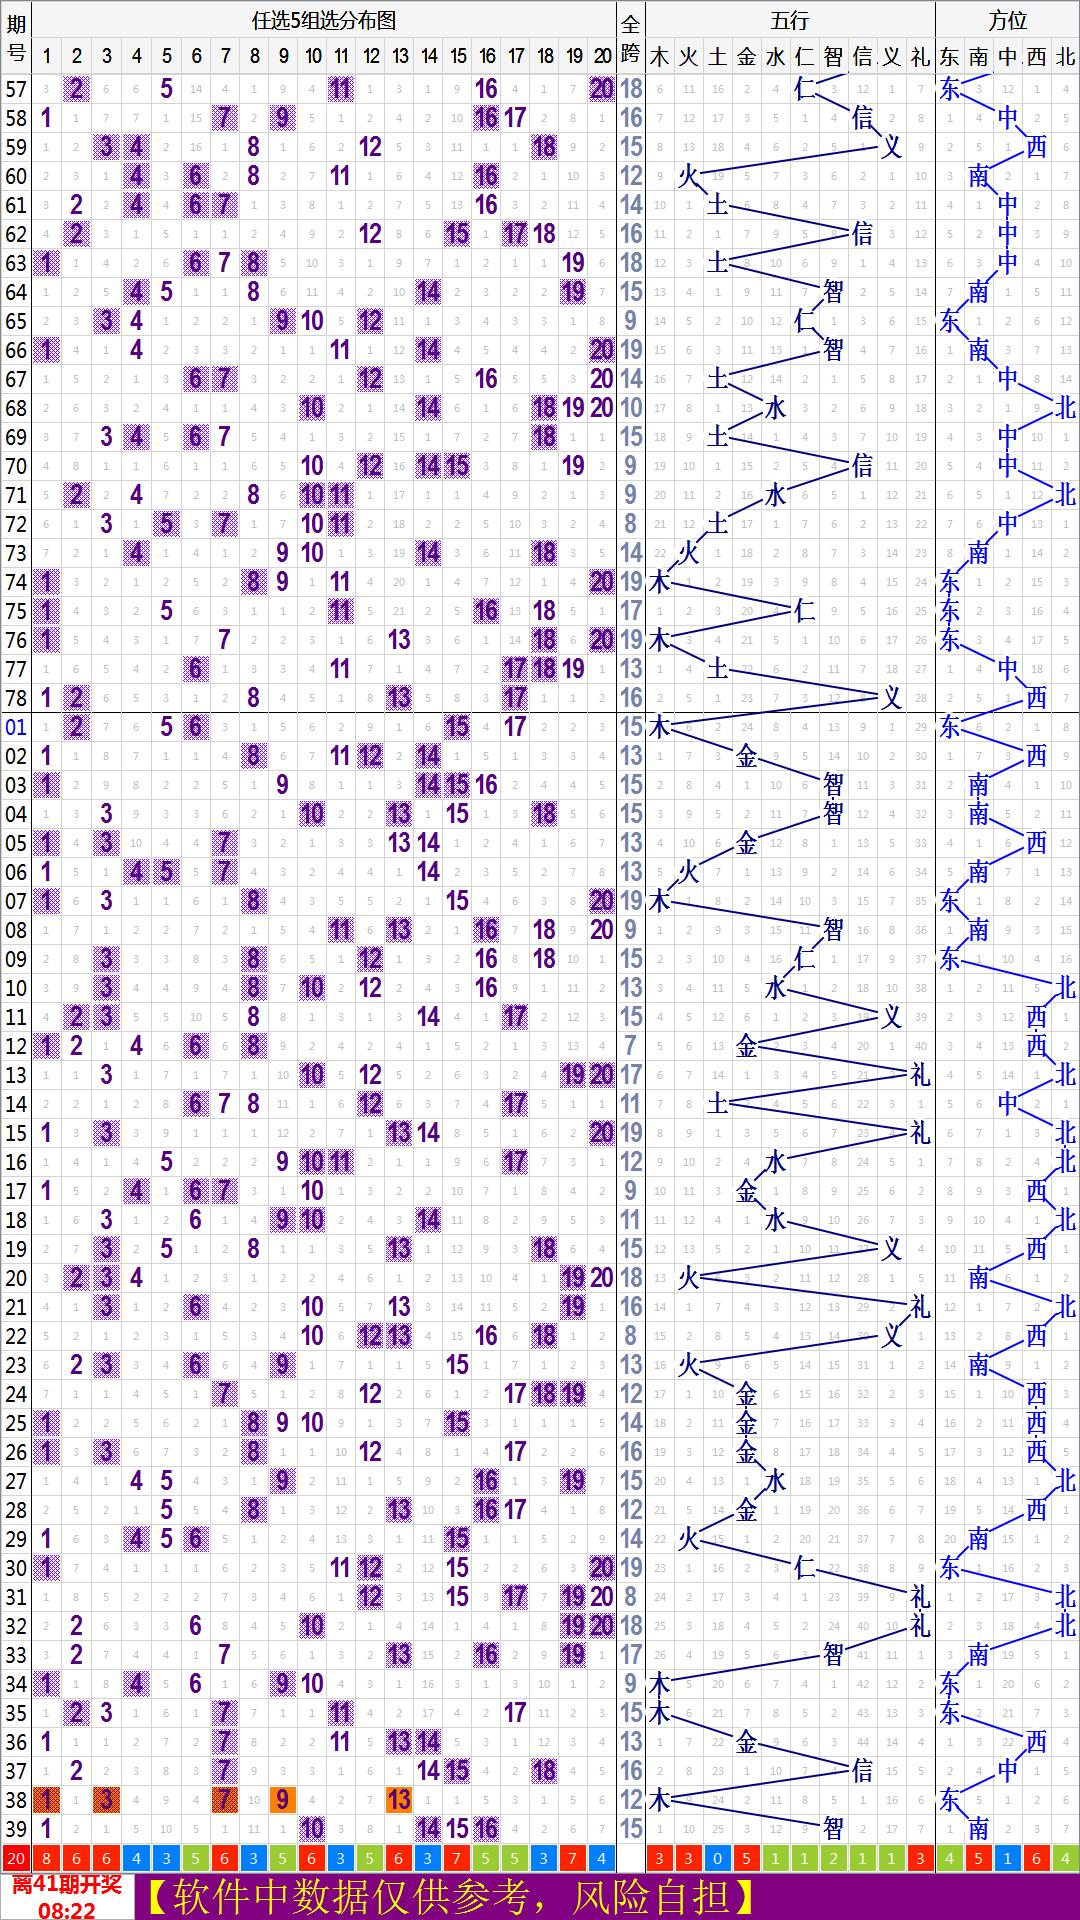 山东福彩群英会20选5投注站电视专用走势图 20150522版软件下载 福